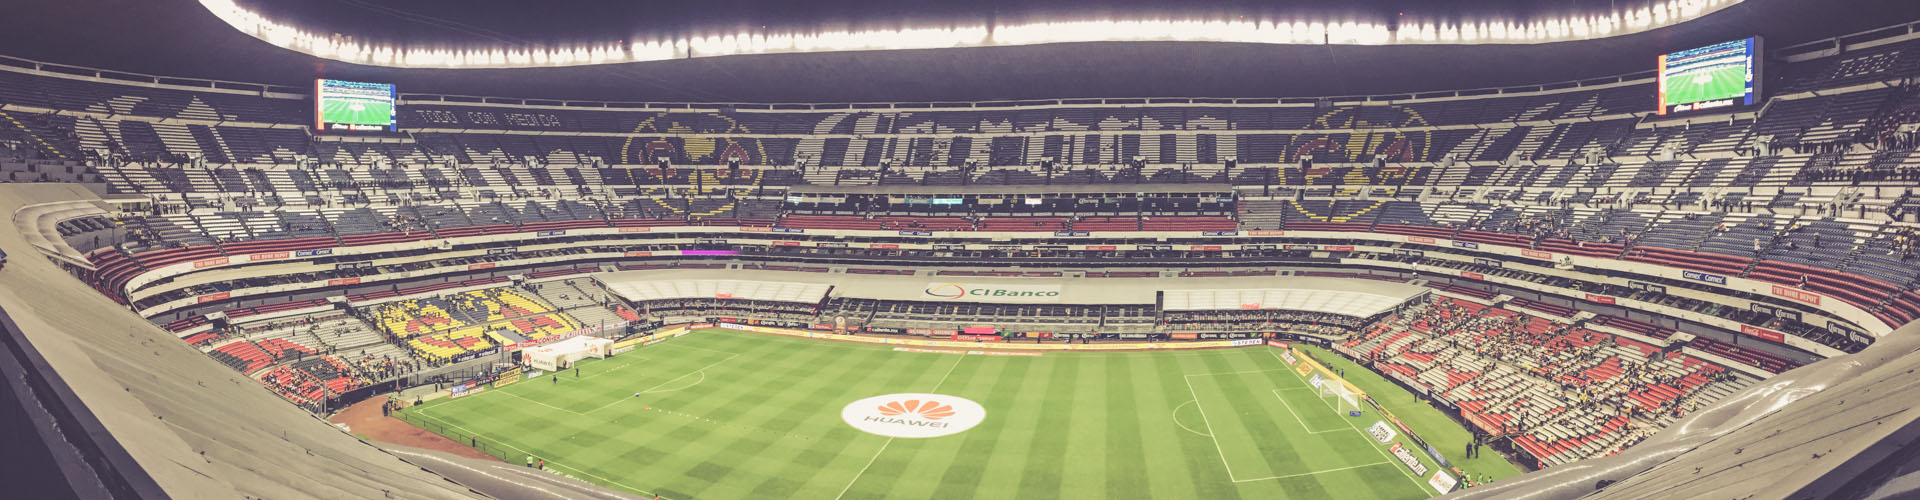 Aztekenstadion, Mexico City - Panorama